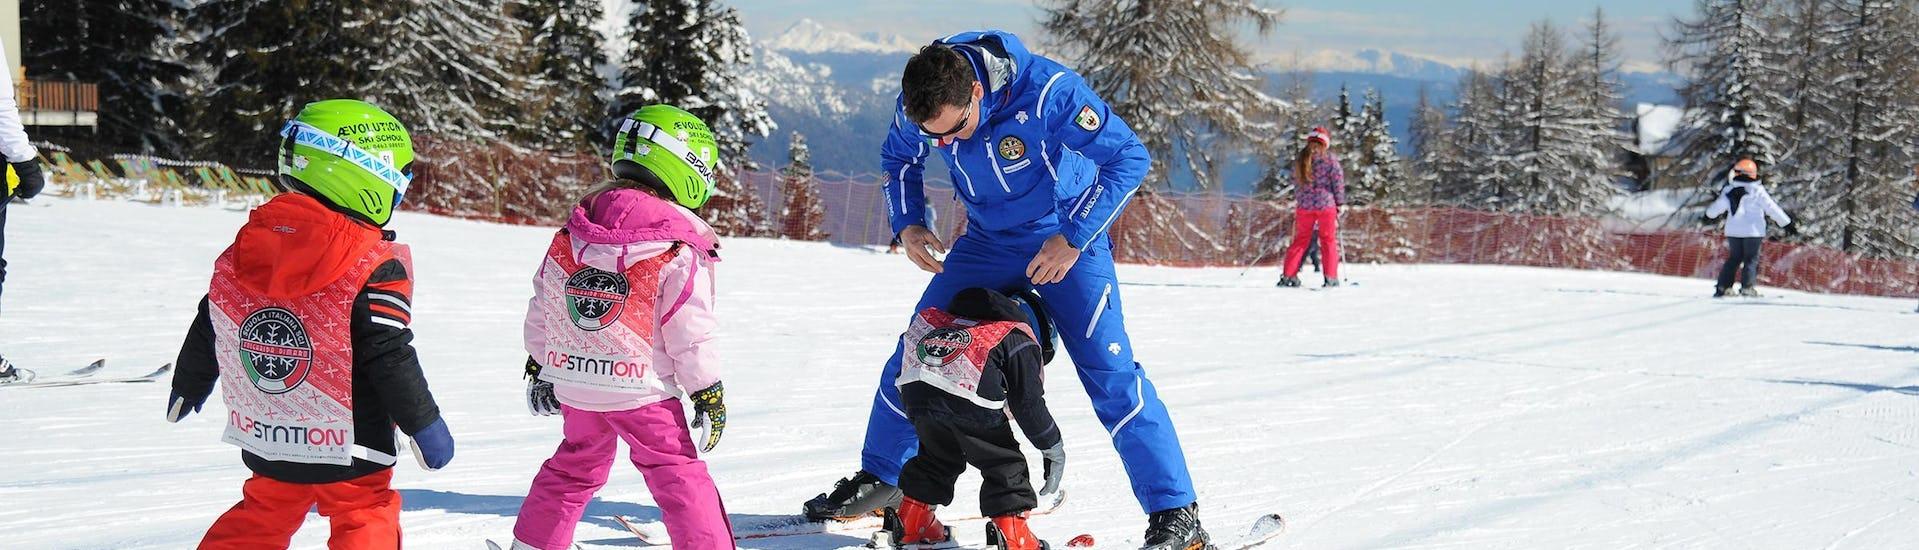 Kinder Skikurs  (3-14 Jahre) - Ohne Erfahrung